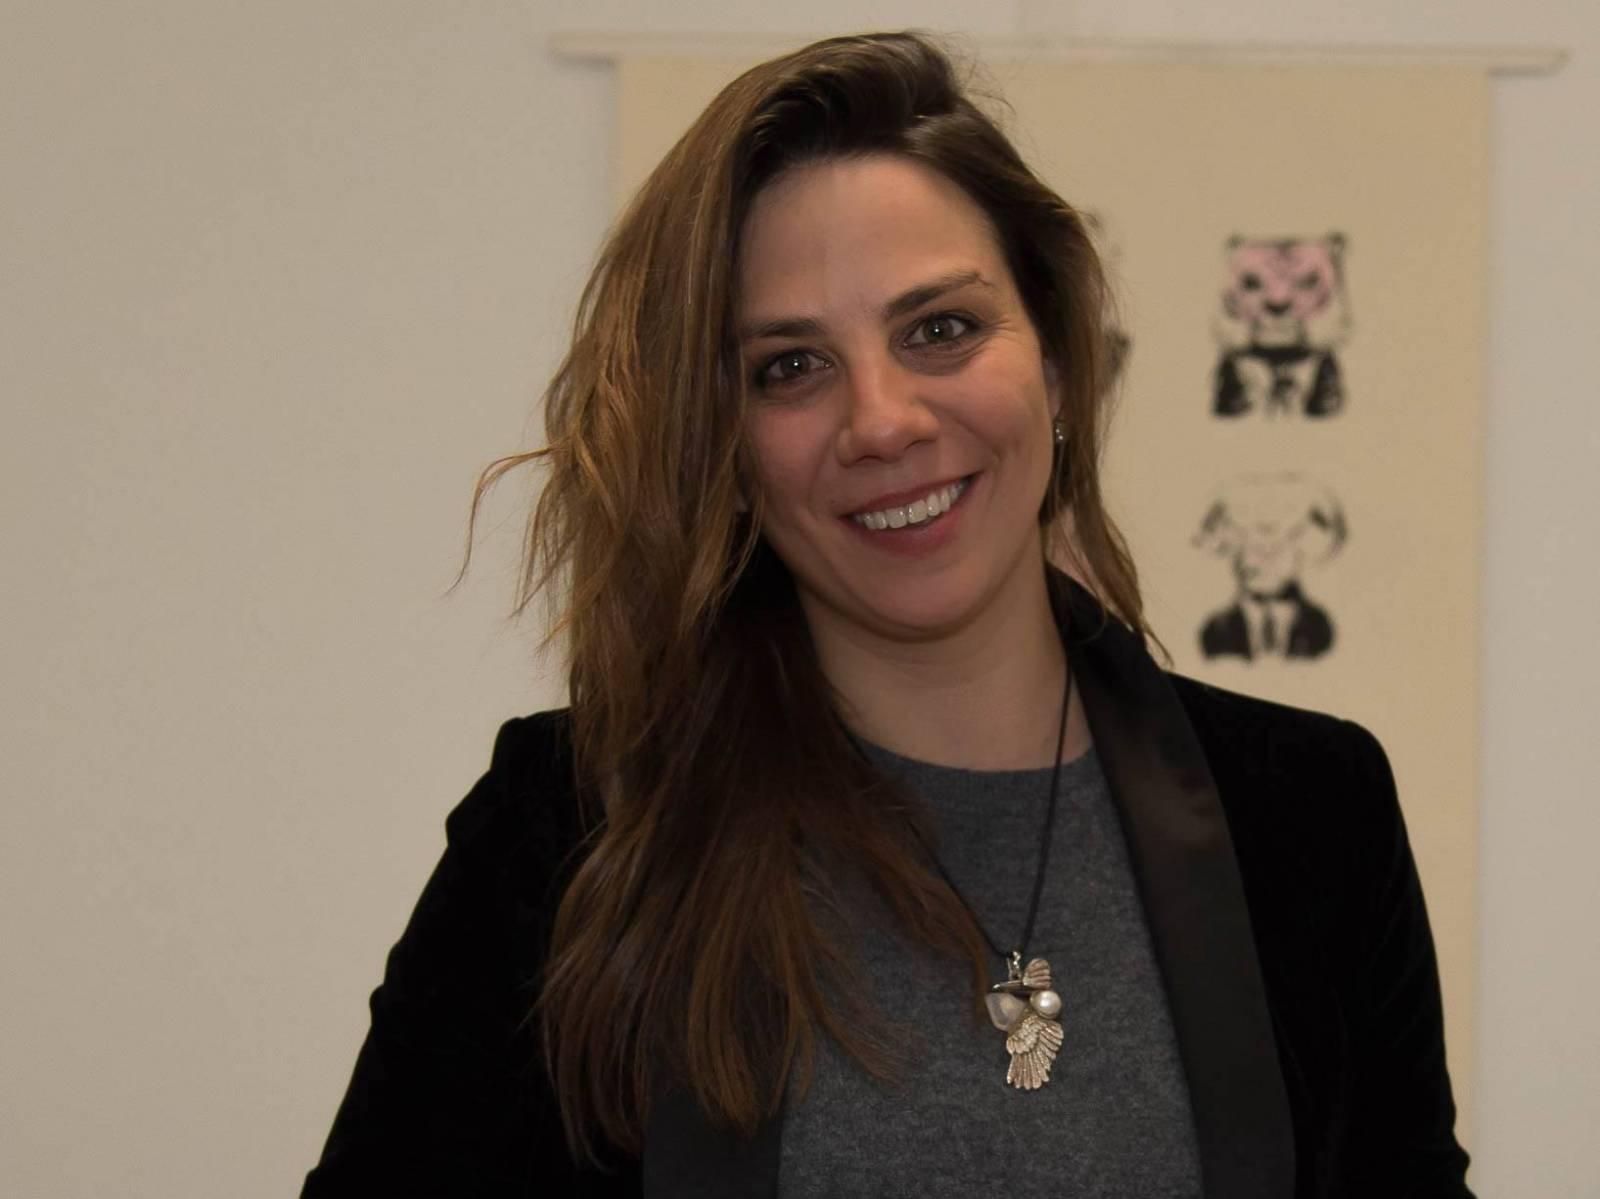 VIDEO: Aneta Langerová - Zažívám období klidu